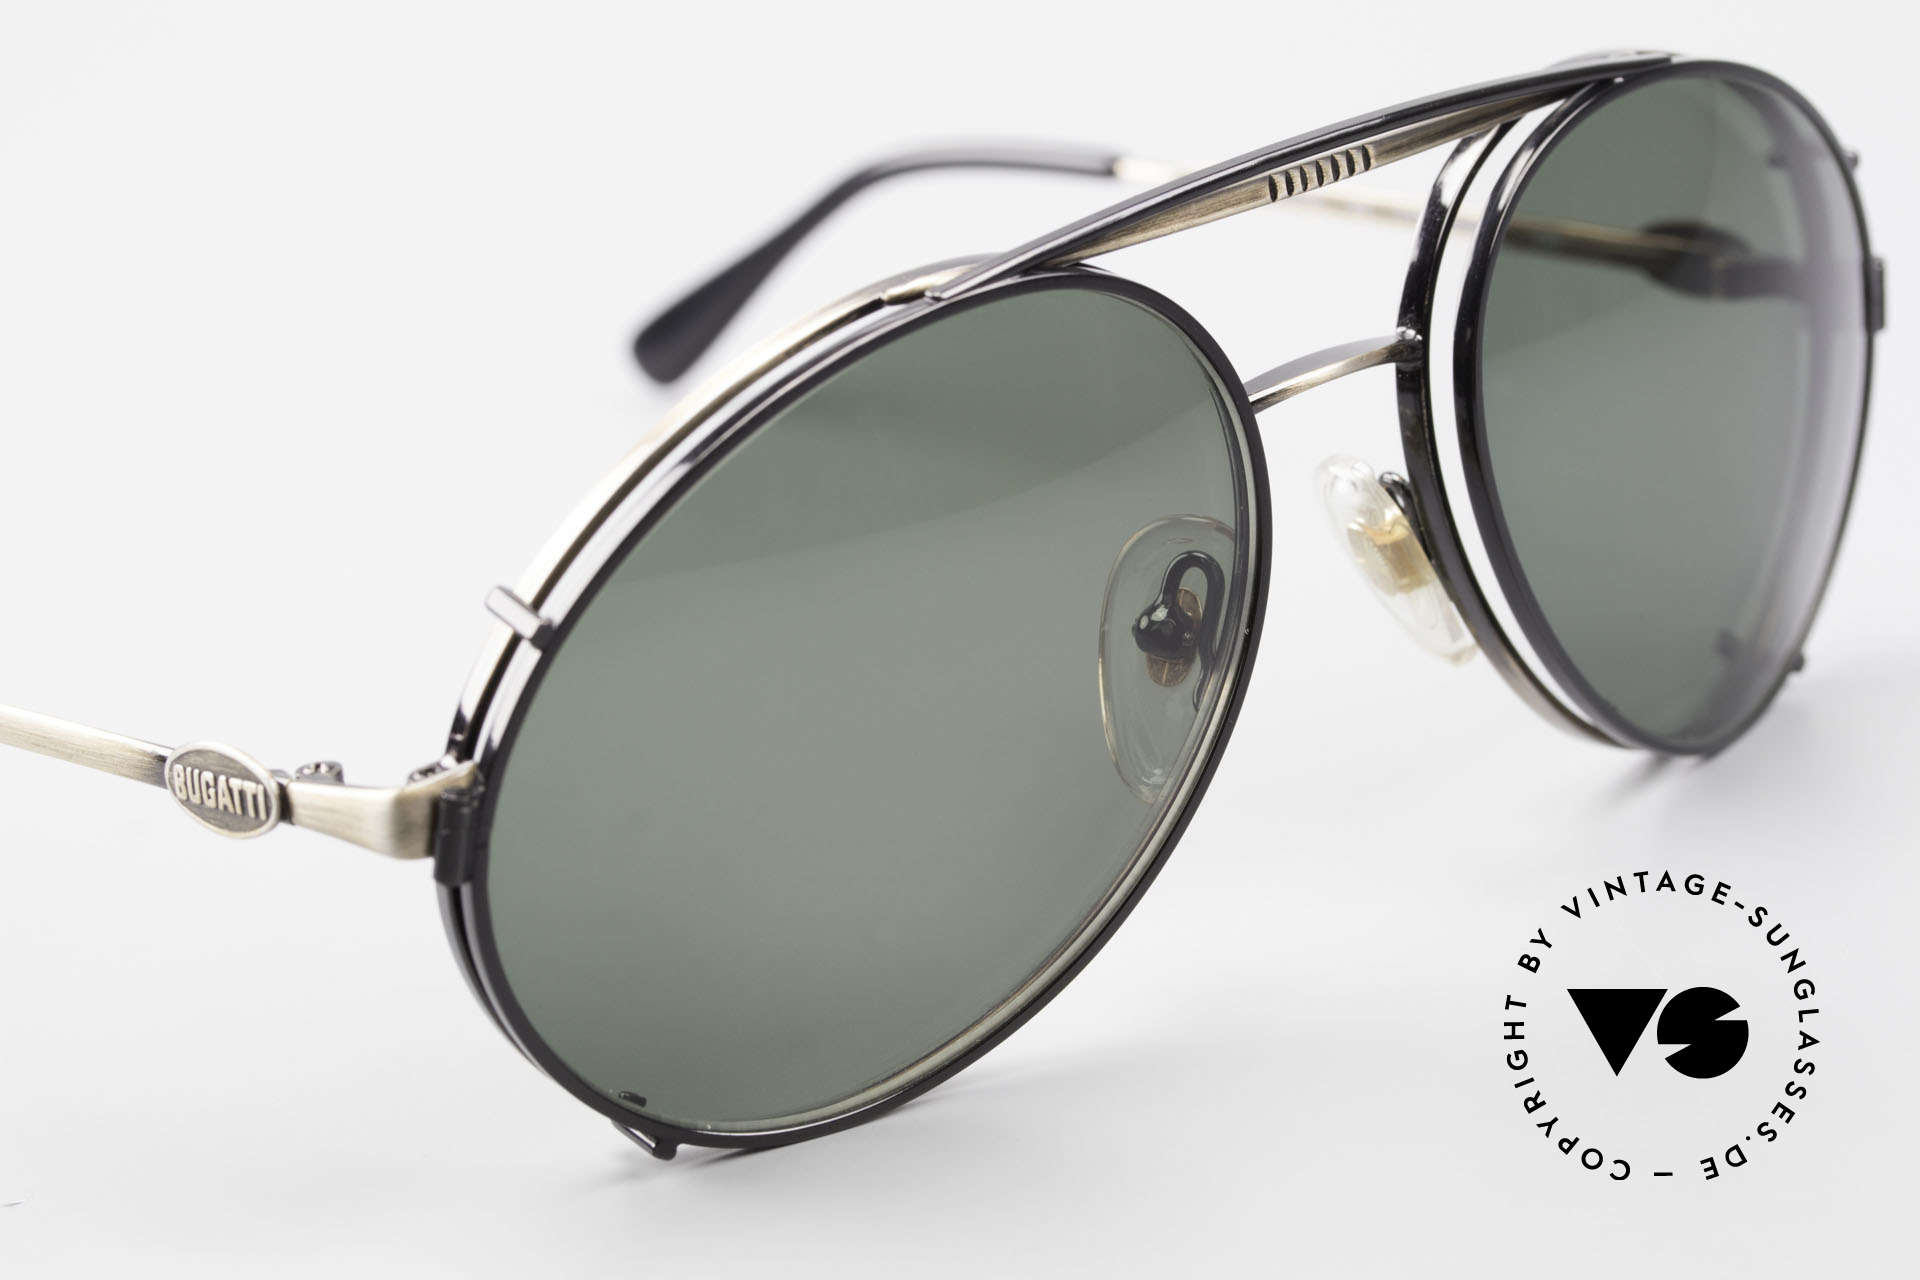 Bugatti 65282 Vintage Herren Brille 1980er, schwarzer SonnenClip mit dunkelgrünen Gläsern, Passend für Herren